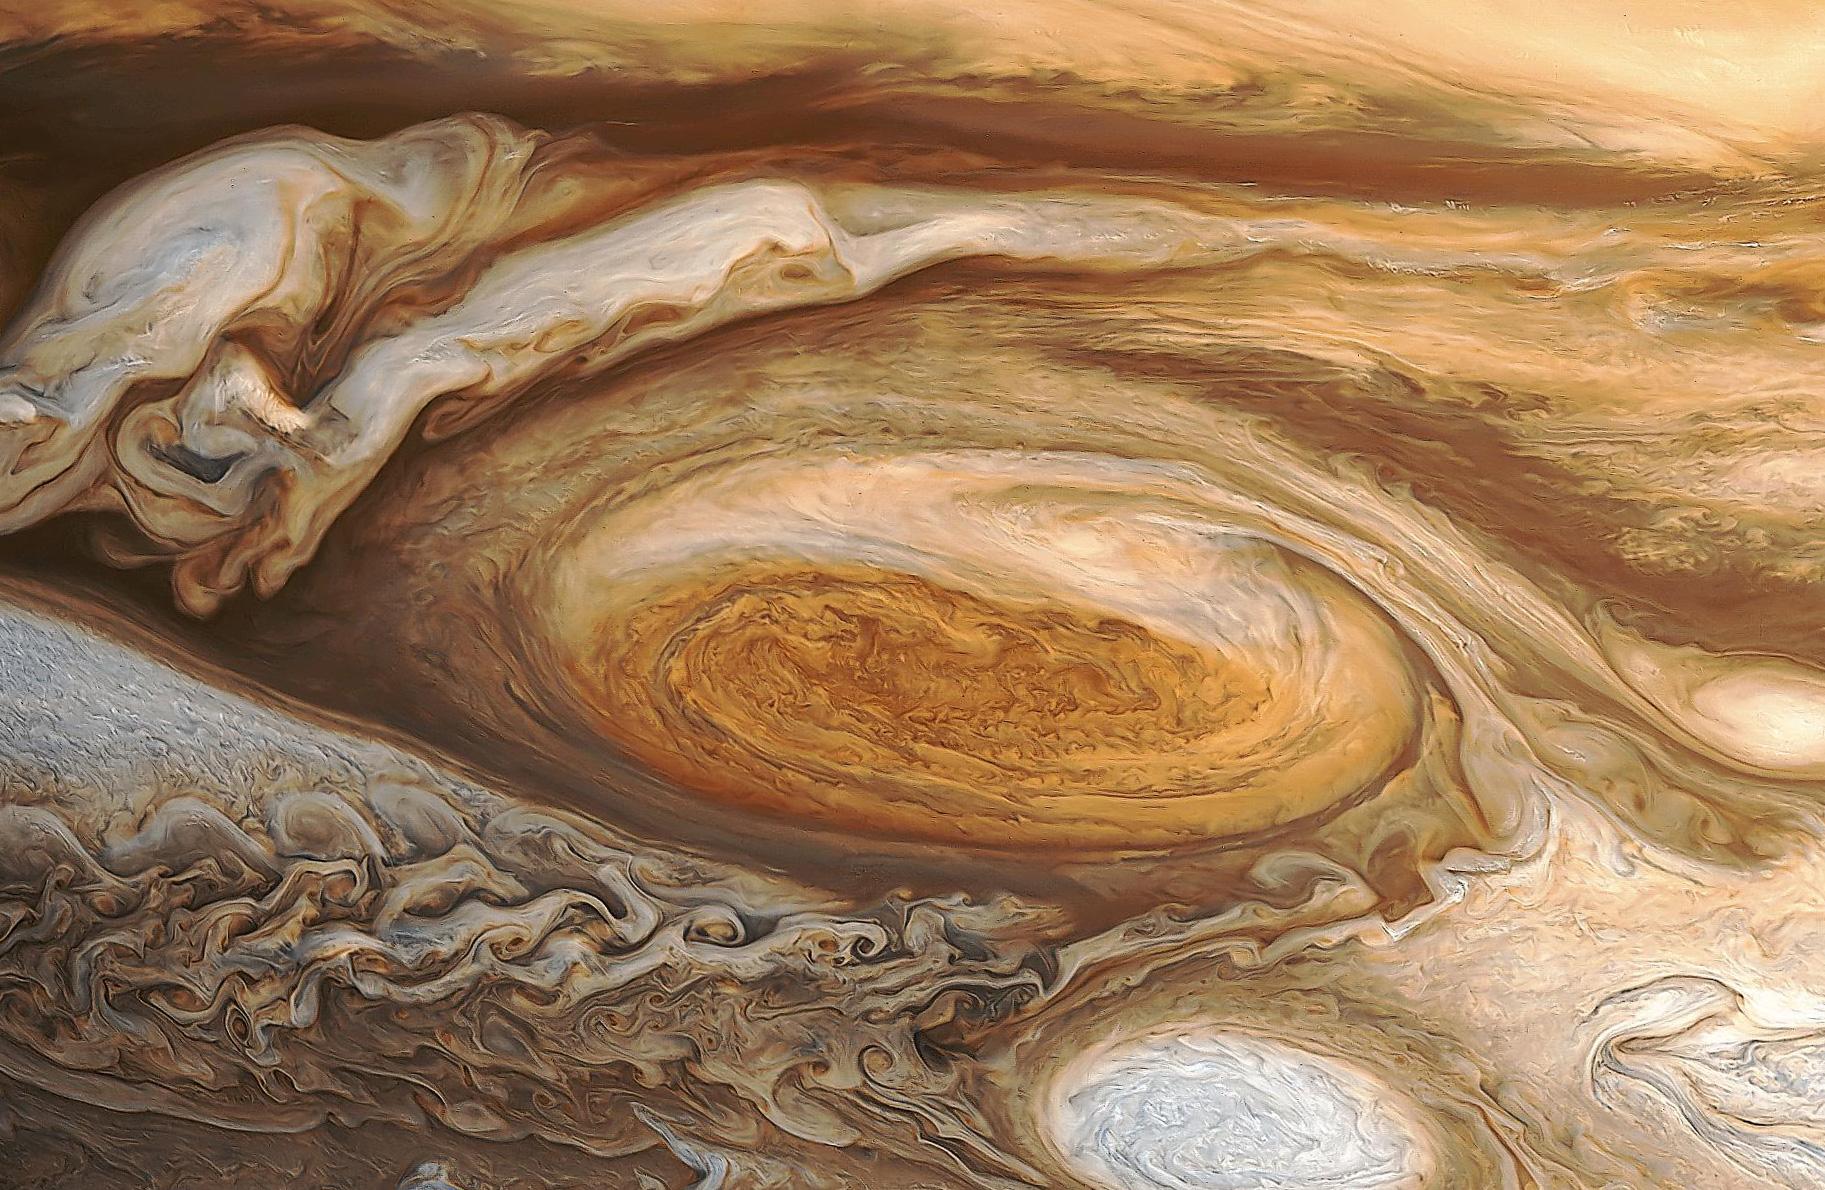 Solar System Greatredspot